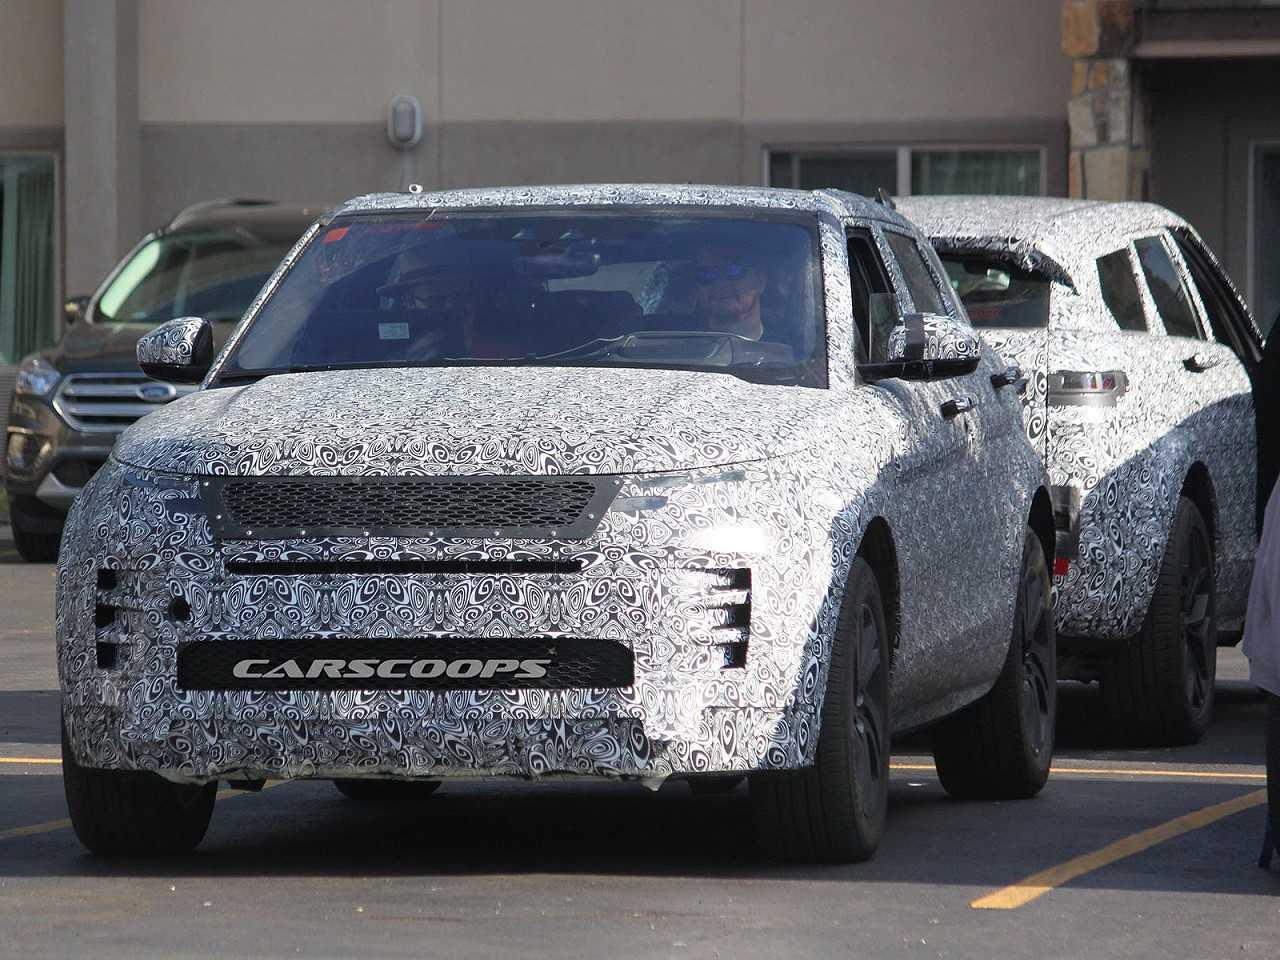 Flagra de um leitor do Carscoops revelando a nova geração do Range Rover Evoque